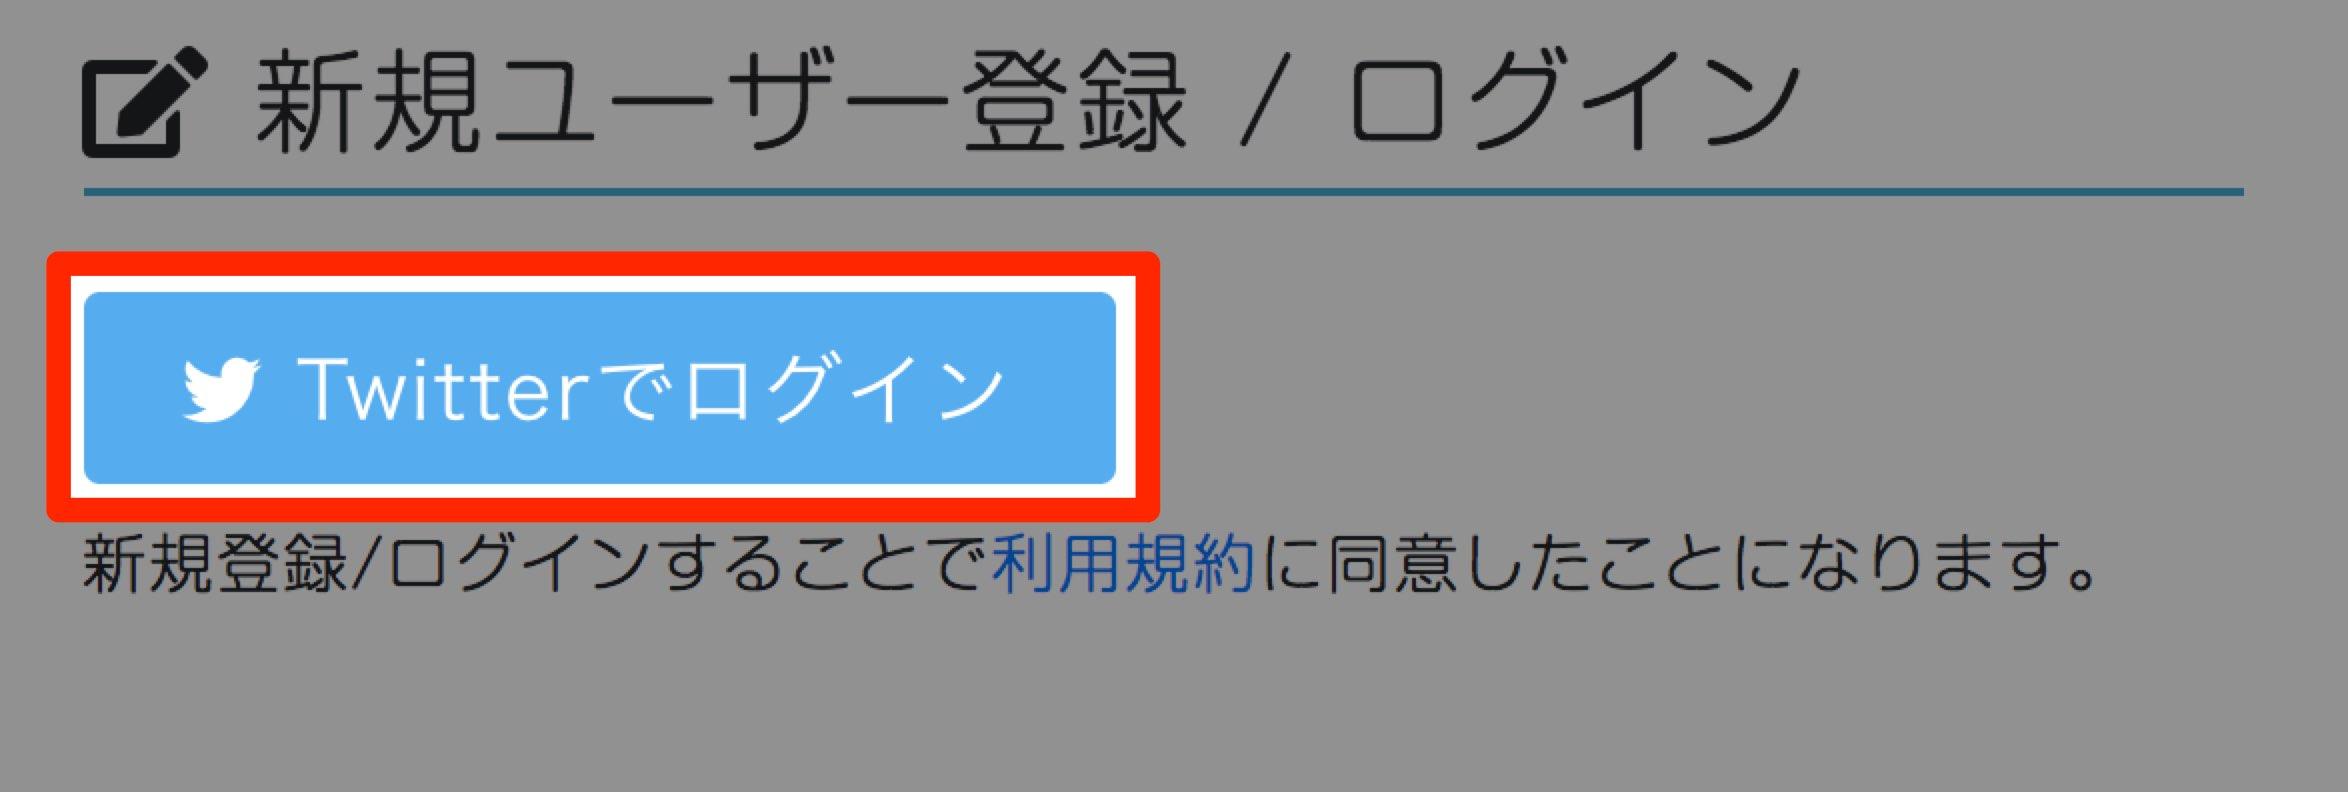 新規ユーザー登録 _ ログイン  無料ゲーム投稿サイト unityroom - Unityのゲームをアップロードして公開しよう-1.jpg